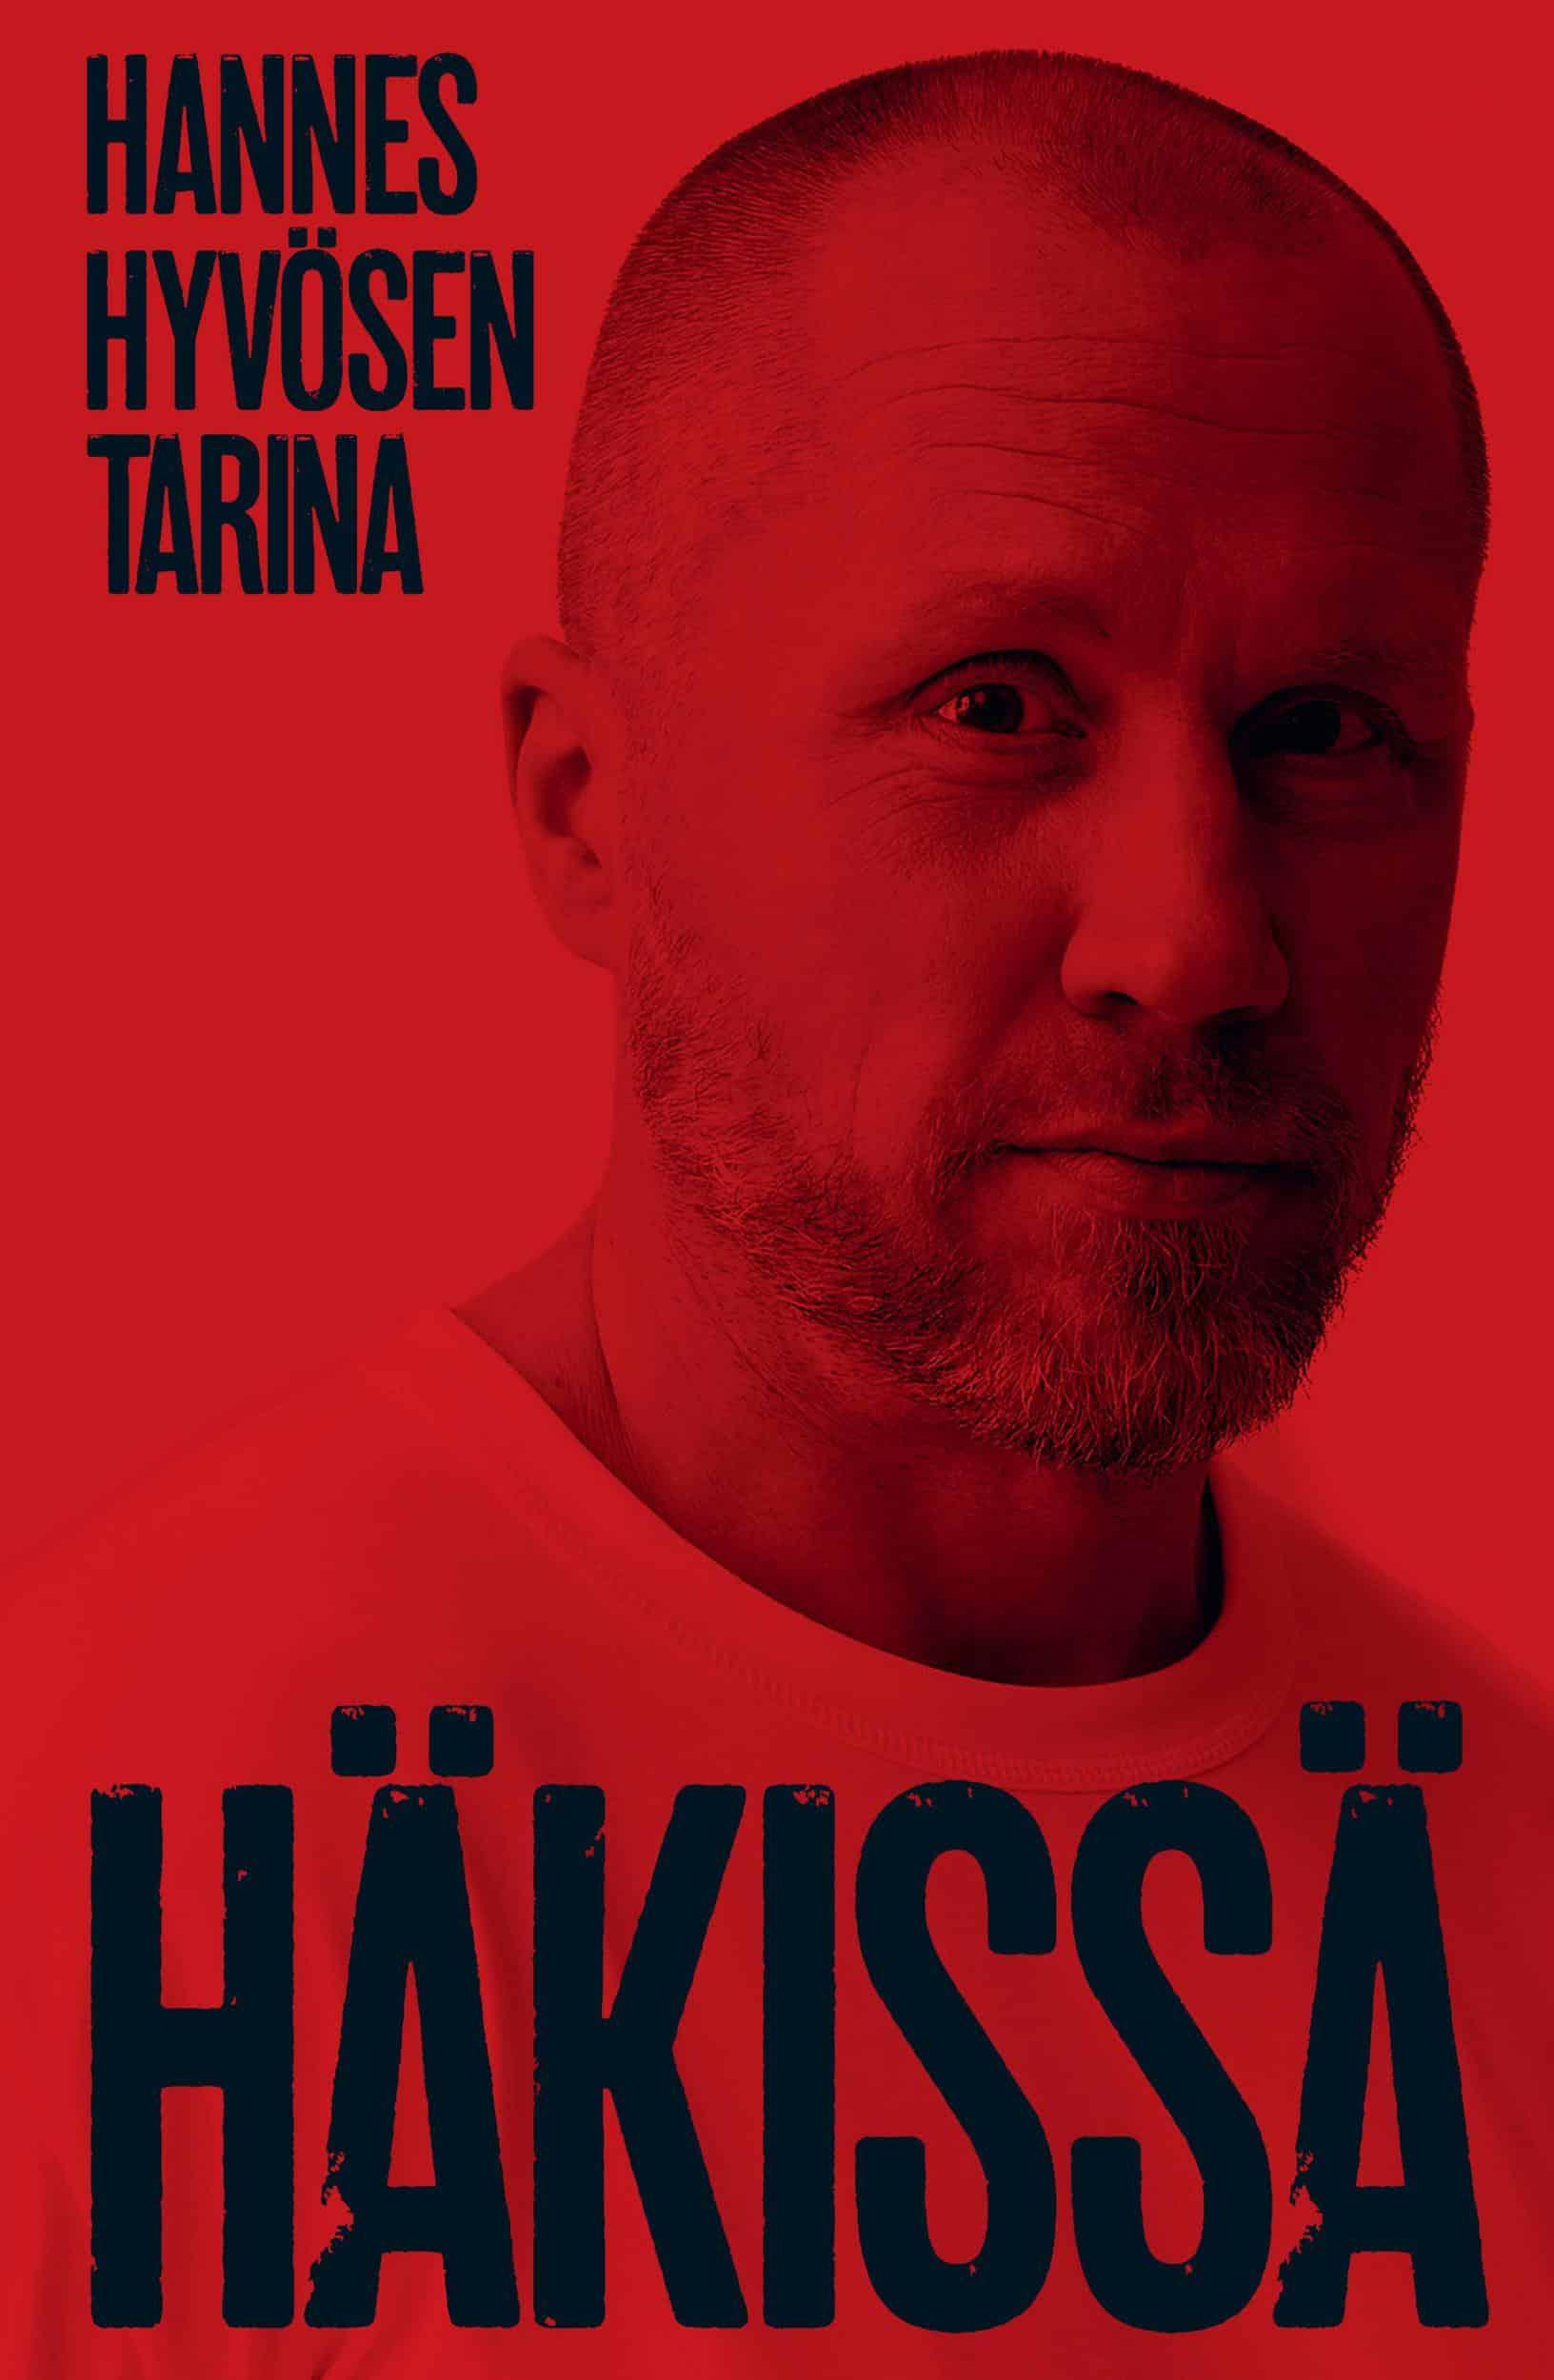 Häkissä: Hannes Hyvösen tarina